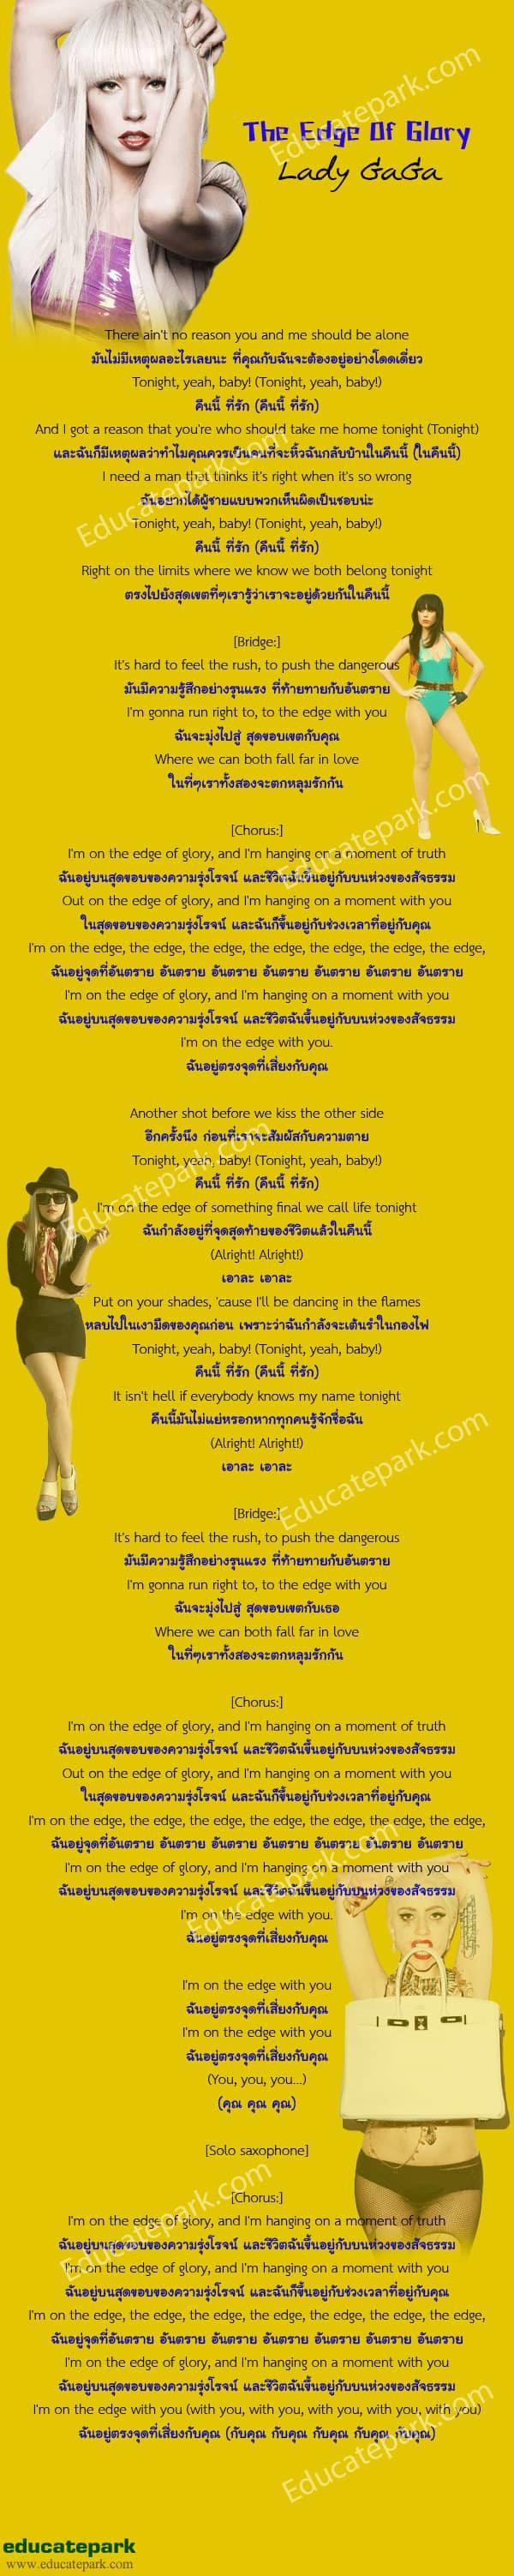 แปลเพลง The Edge Of glory - Lady Gaga